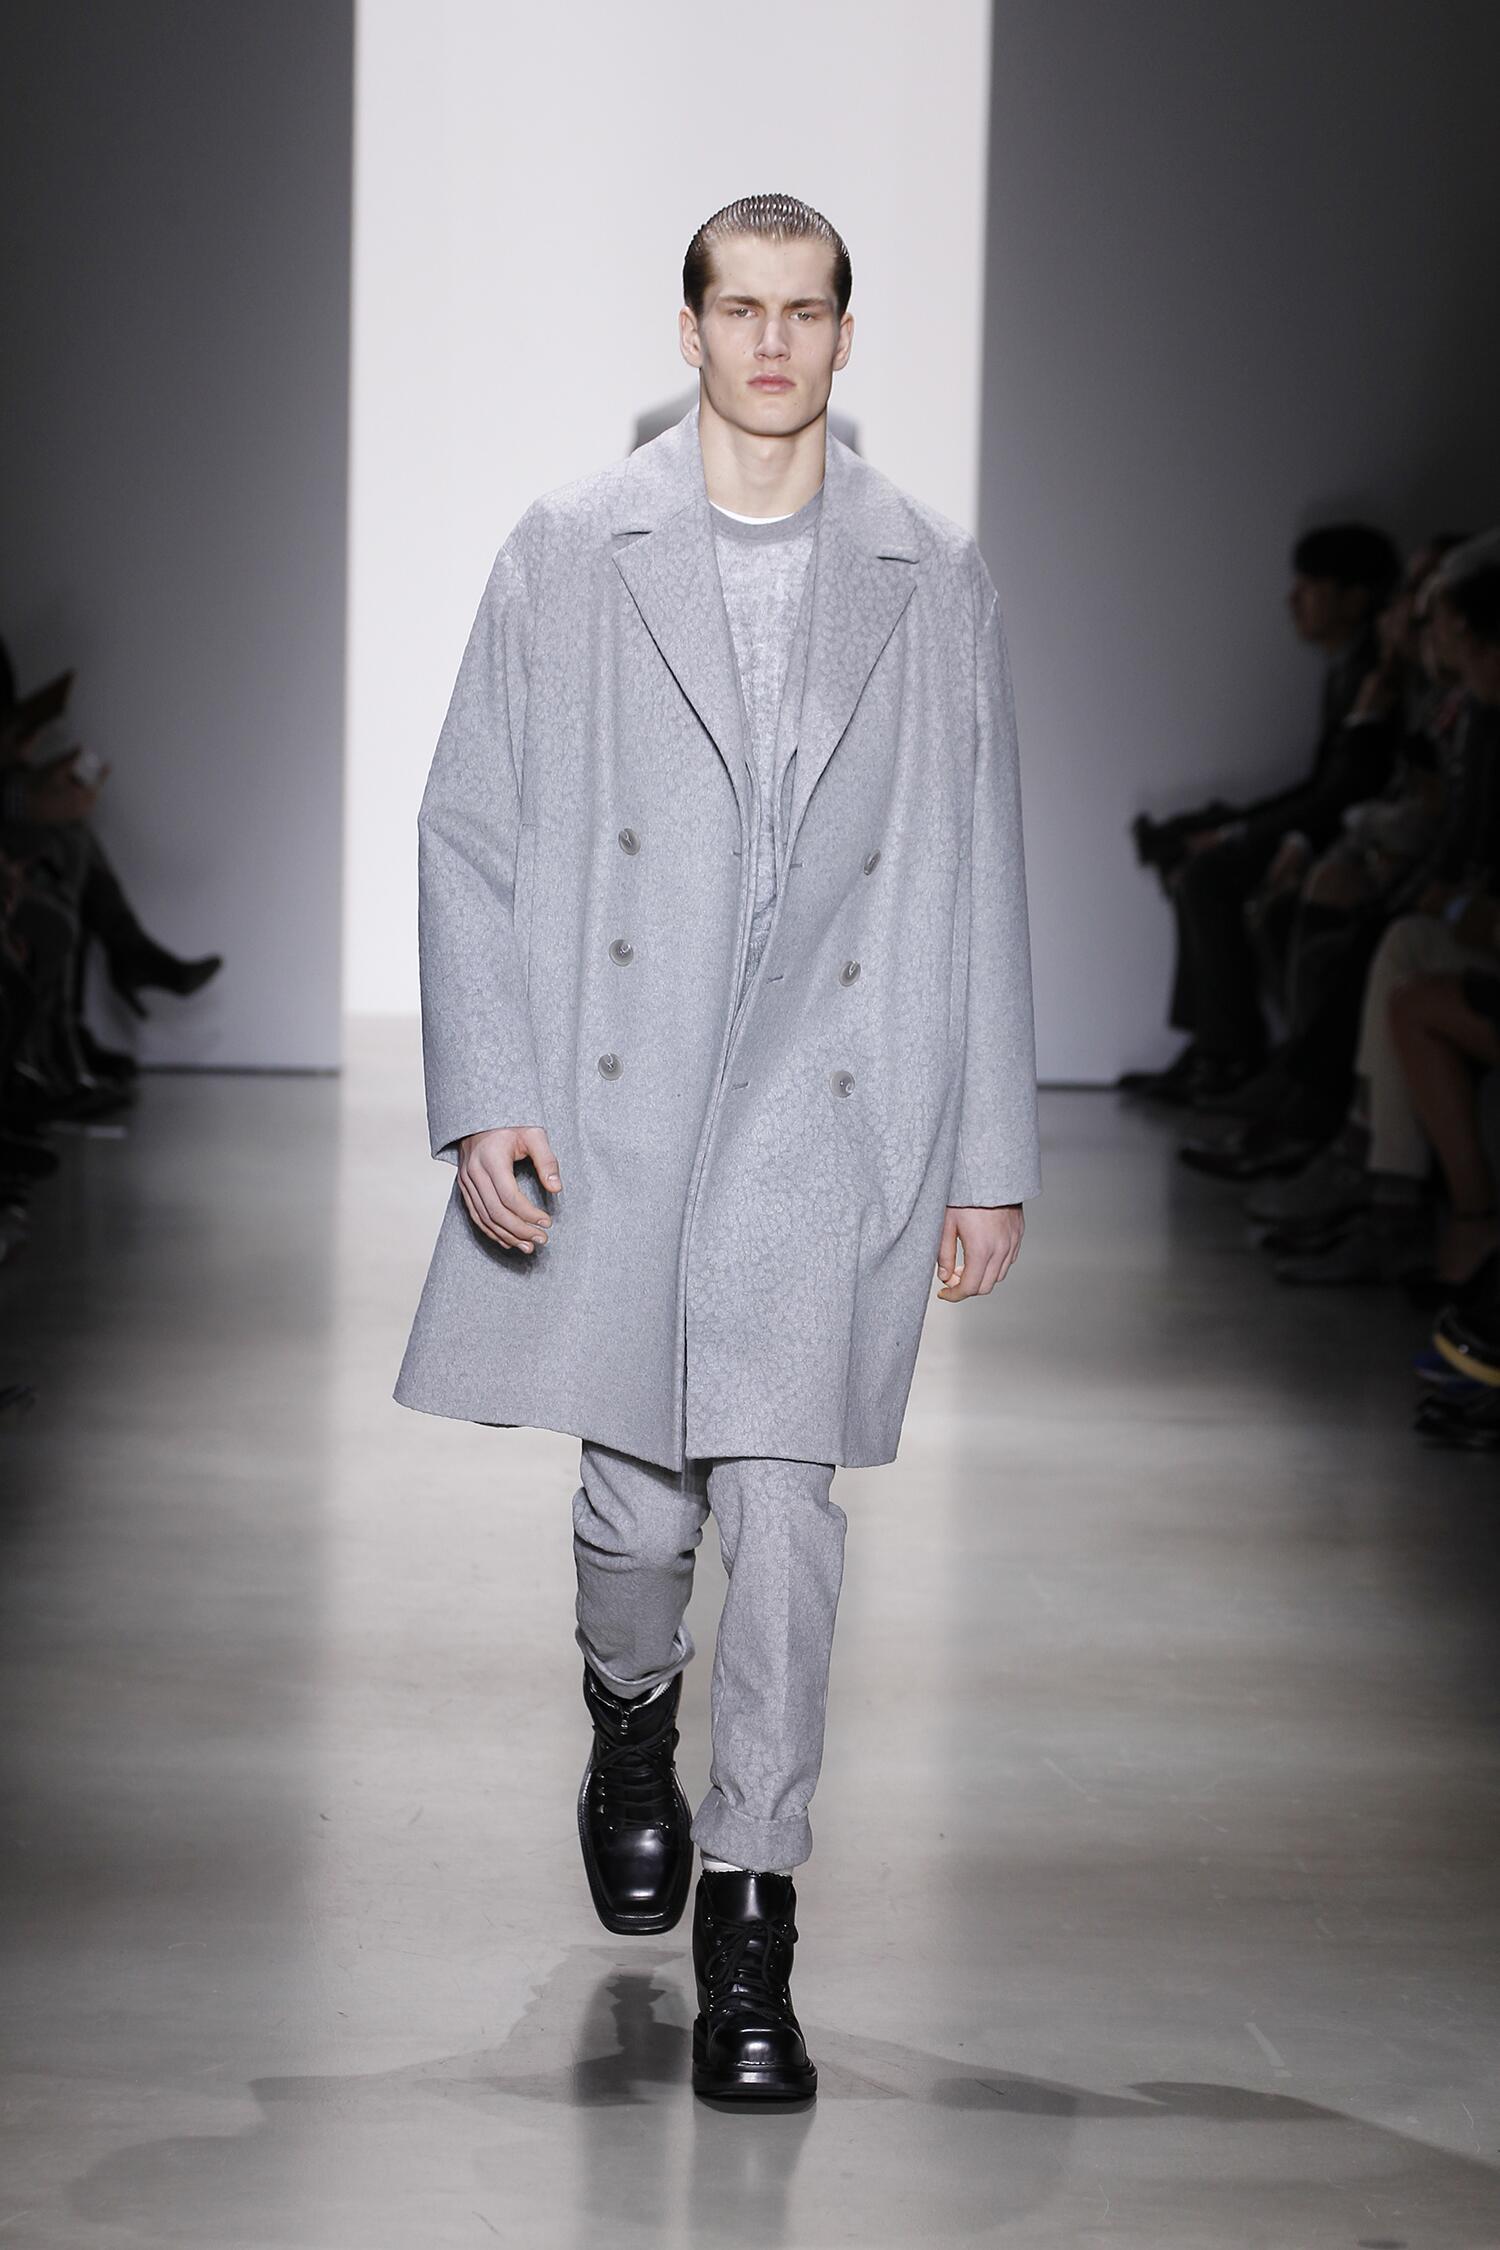 Style Man Calvin Klein Collection